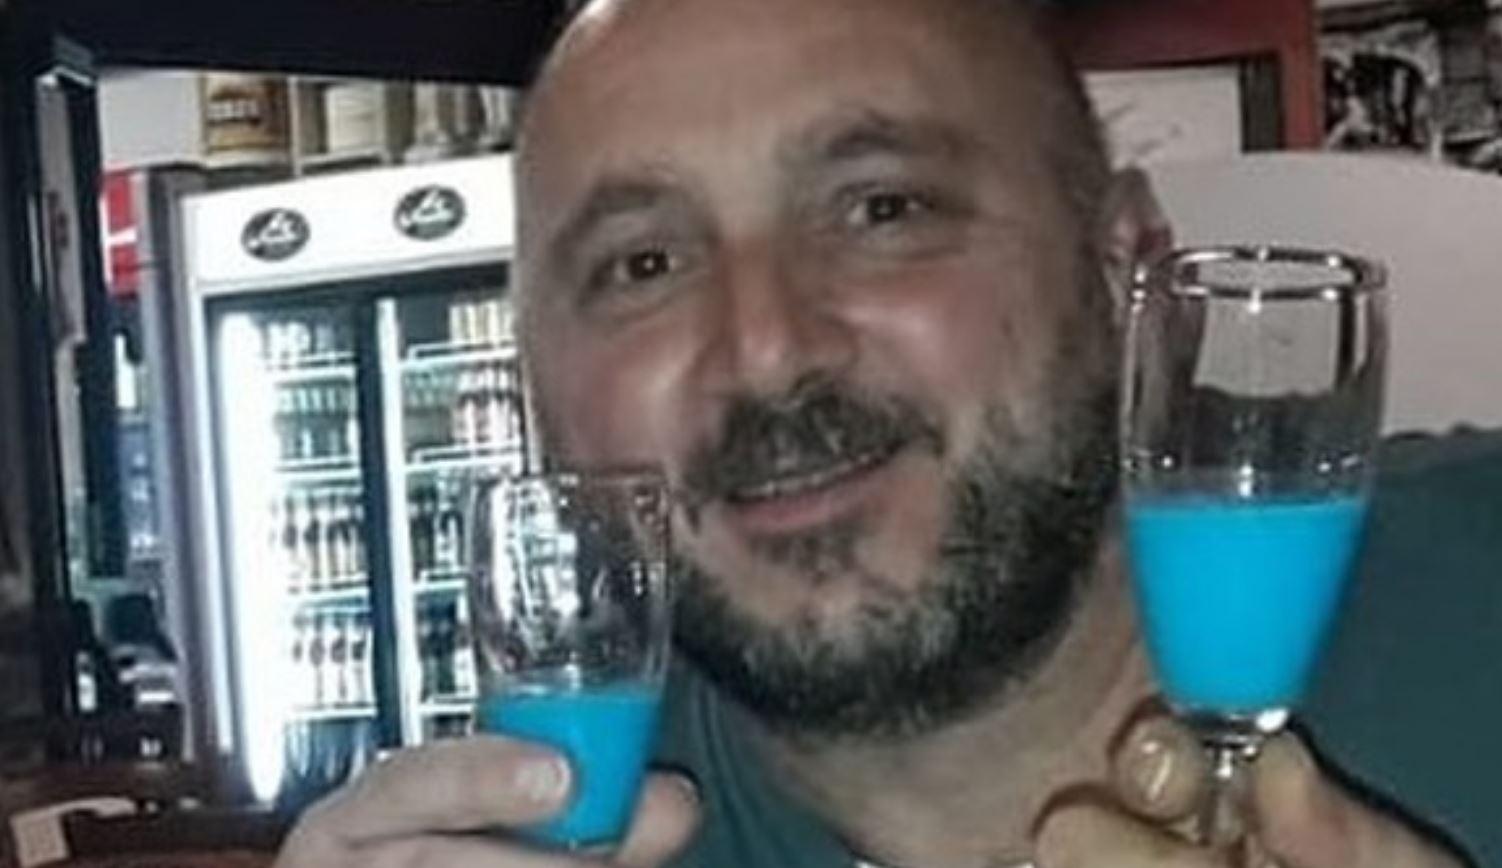 Via Romani Pomigliano D Arco coronavirus: operaio 45enne morto a pomigliano | notizie.it